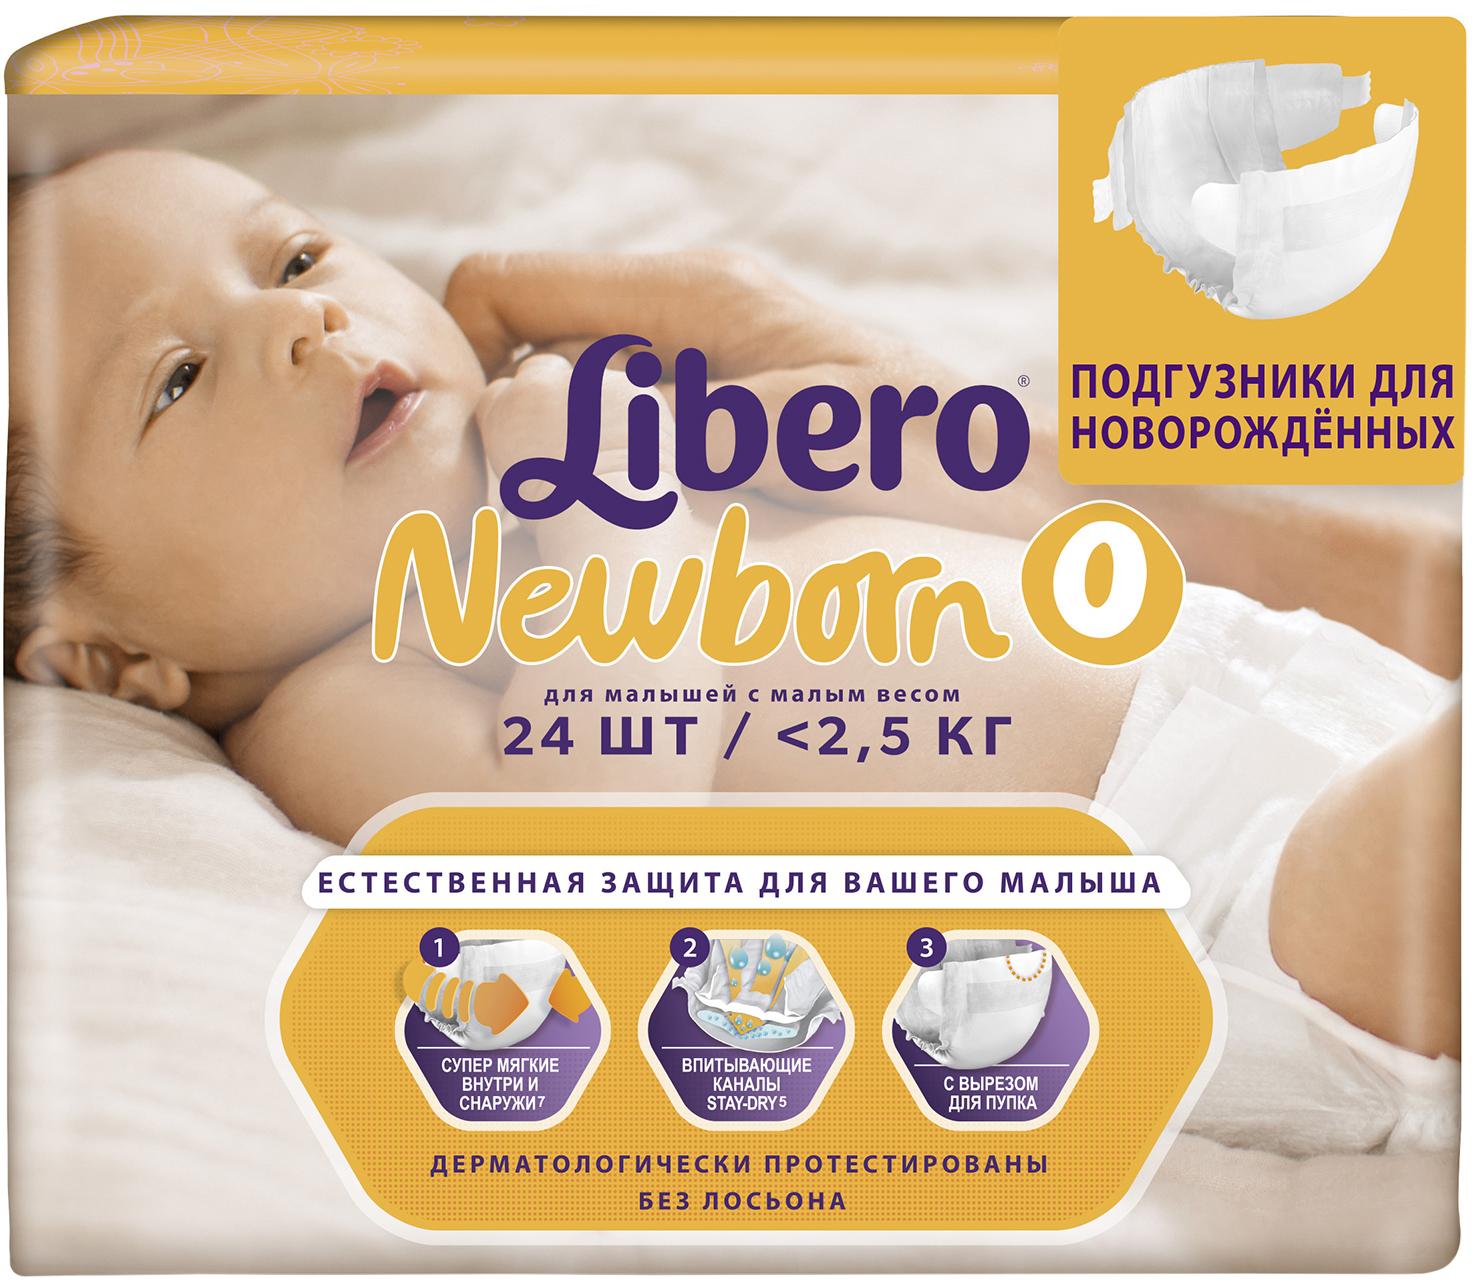 Подгузники для малышей Libero Newborn 0 (0-2,5 кг) 24 шт. подгузники libero подгузники baby soft newborn 3 6 кг 94 шт